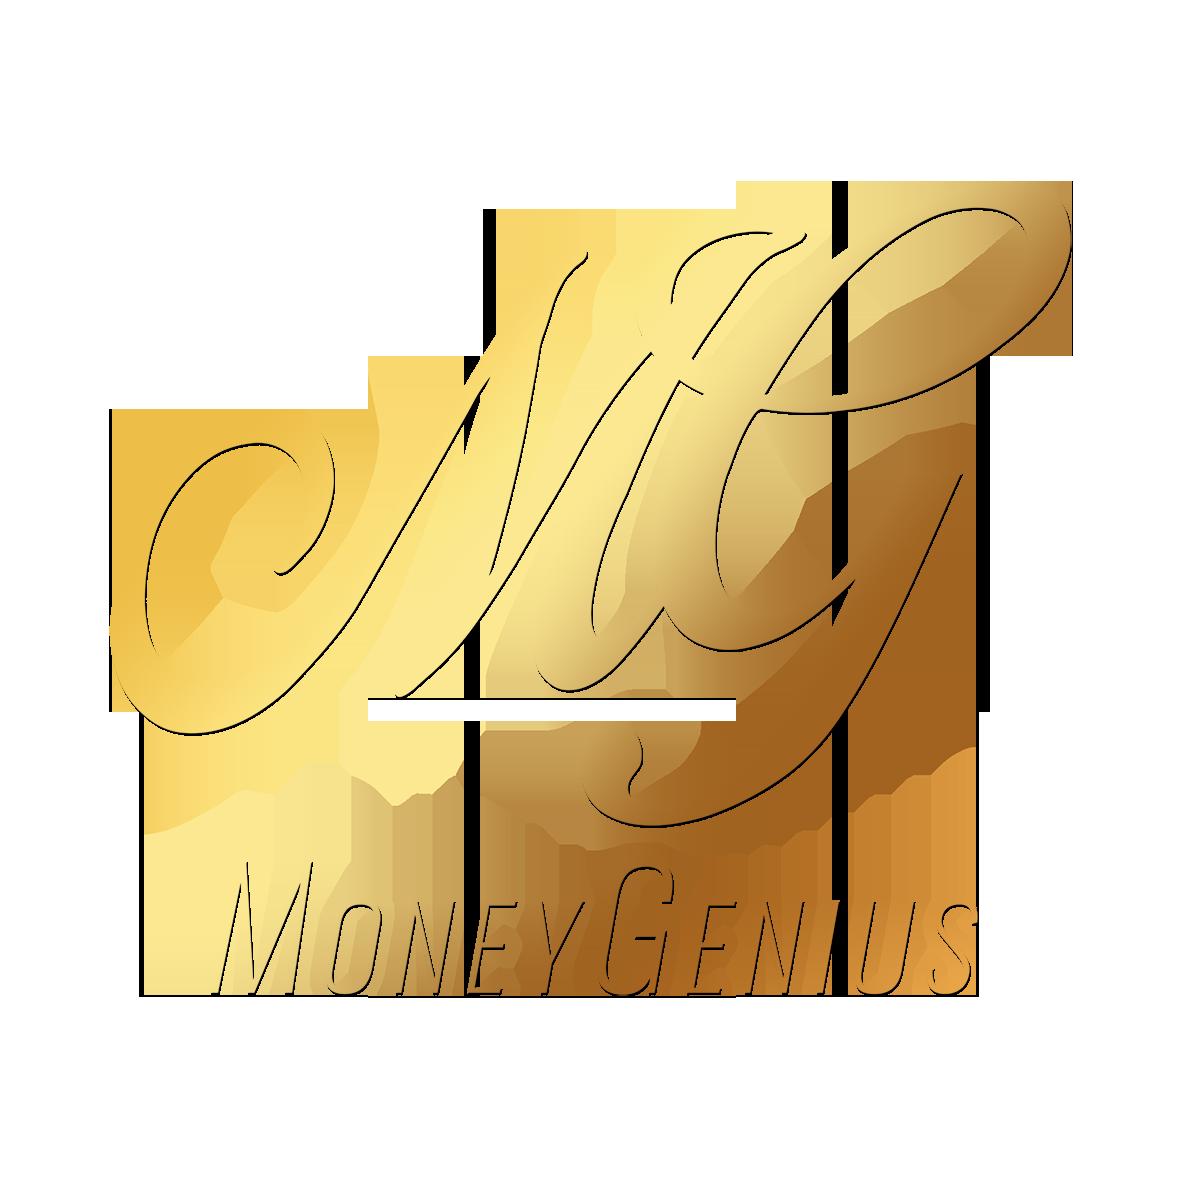 Co to jest MoneyGenius?